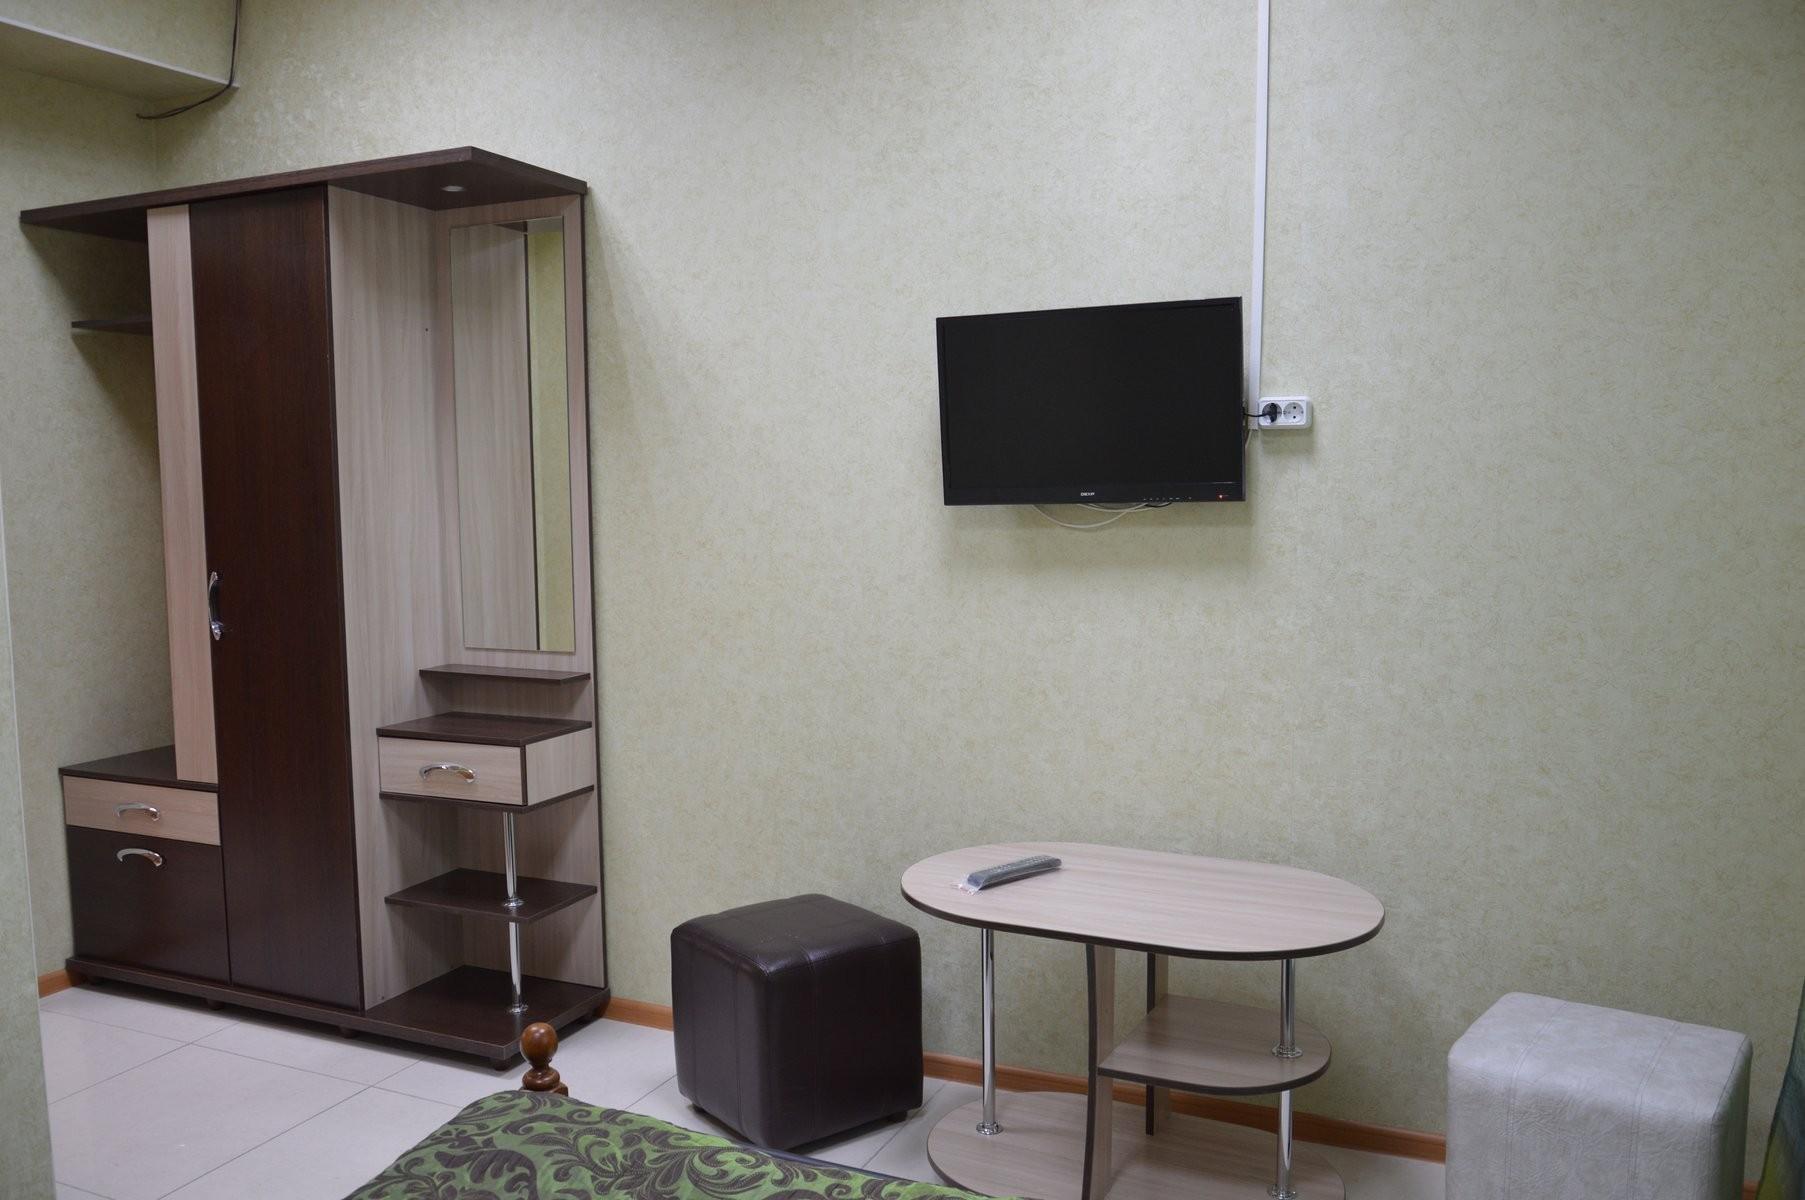 Гудвин, гостиничный комплекс - №18